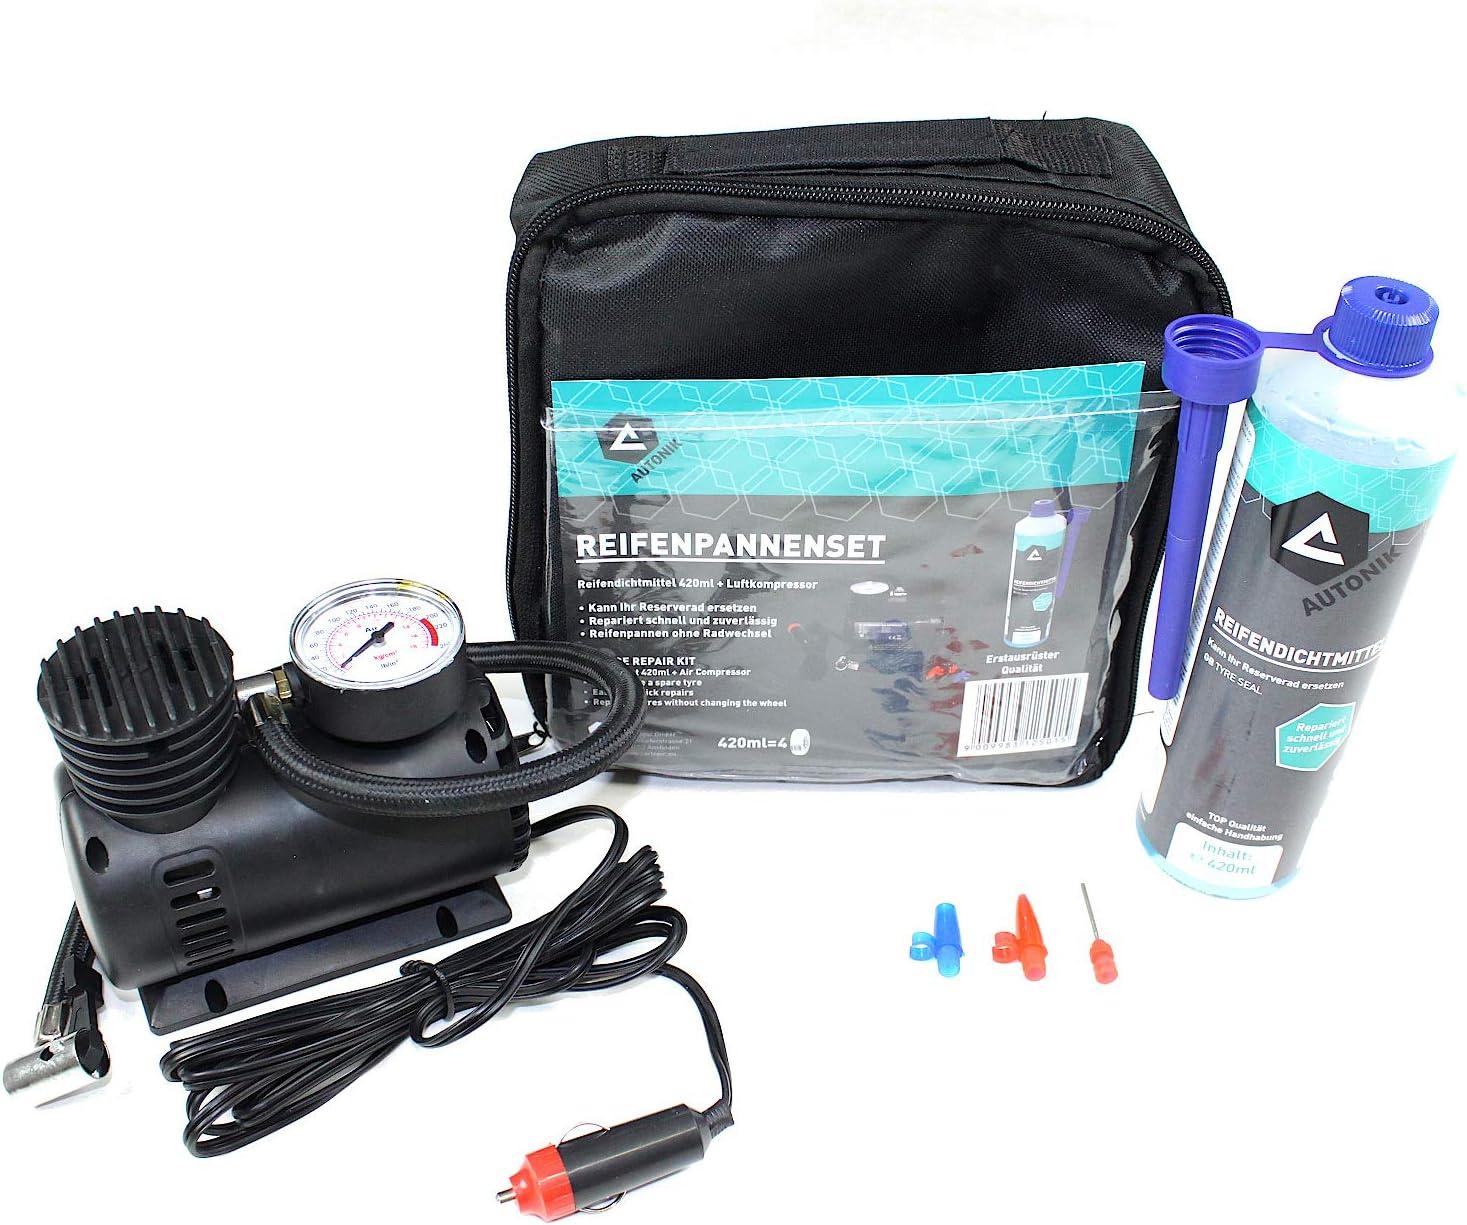 Reifenpannenset Mit 12v Kompressor Pkw Pannenset Reifendichtmittel Reifendicht Auto